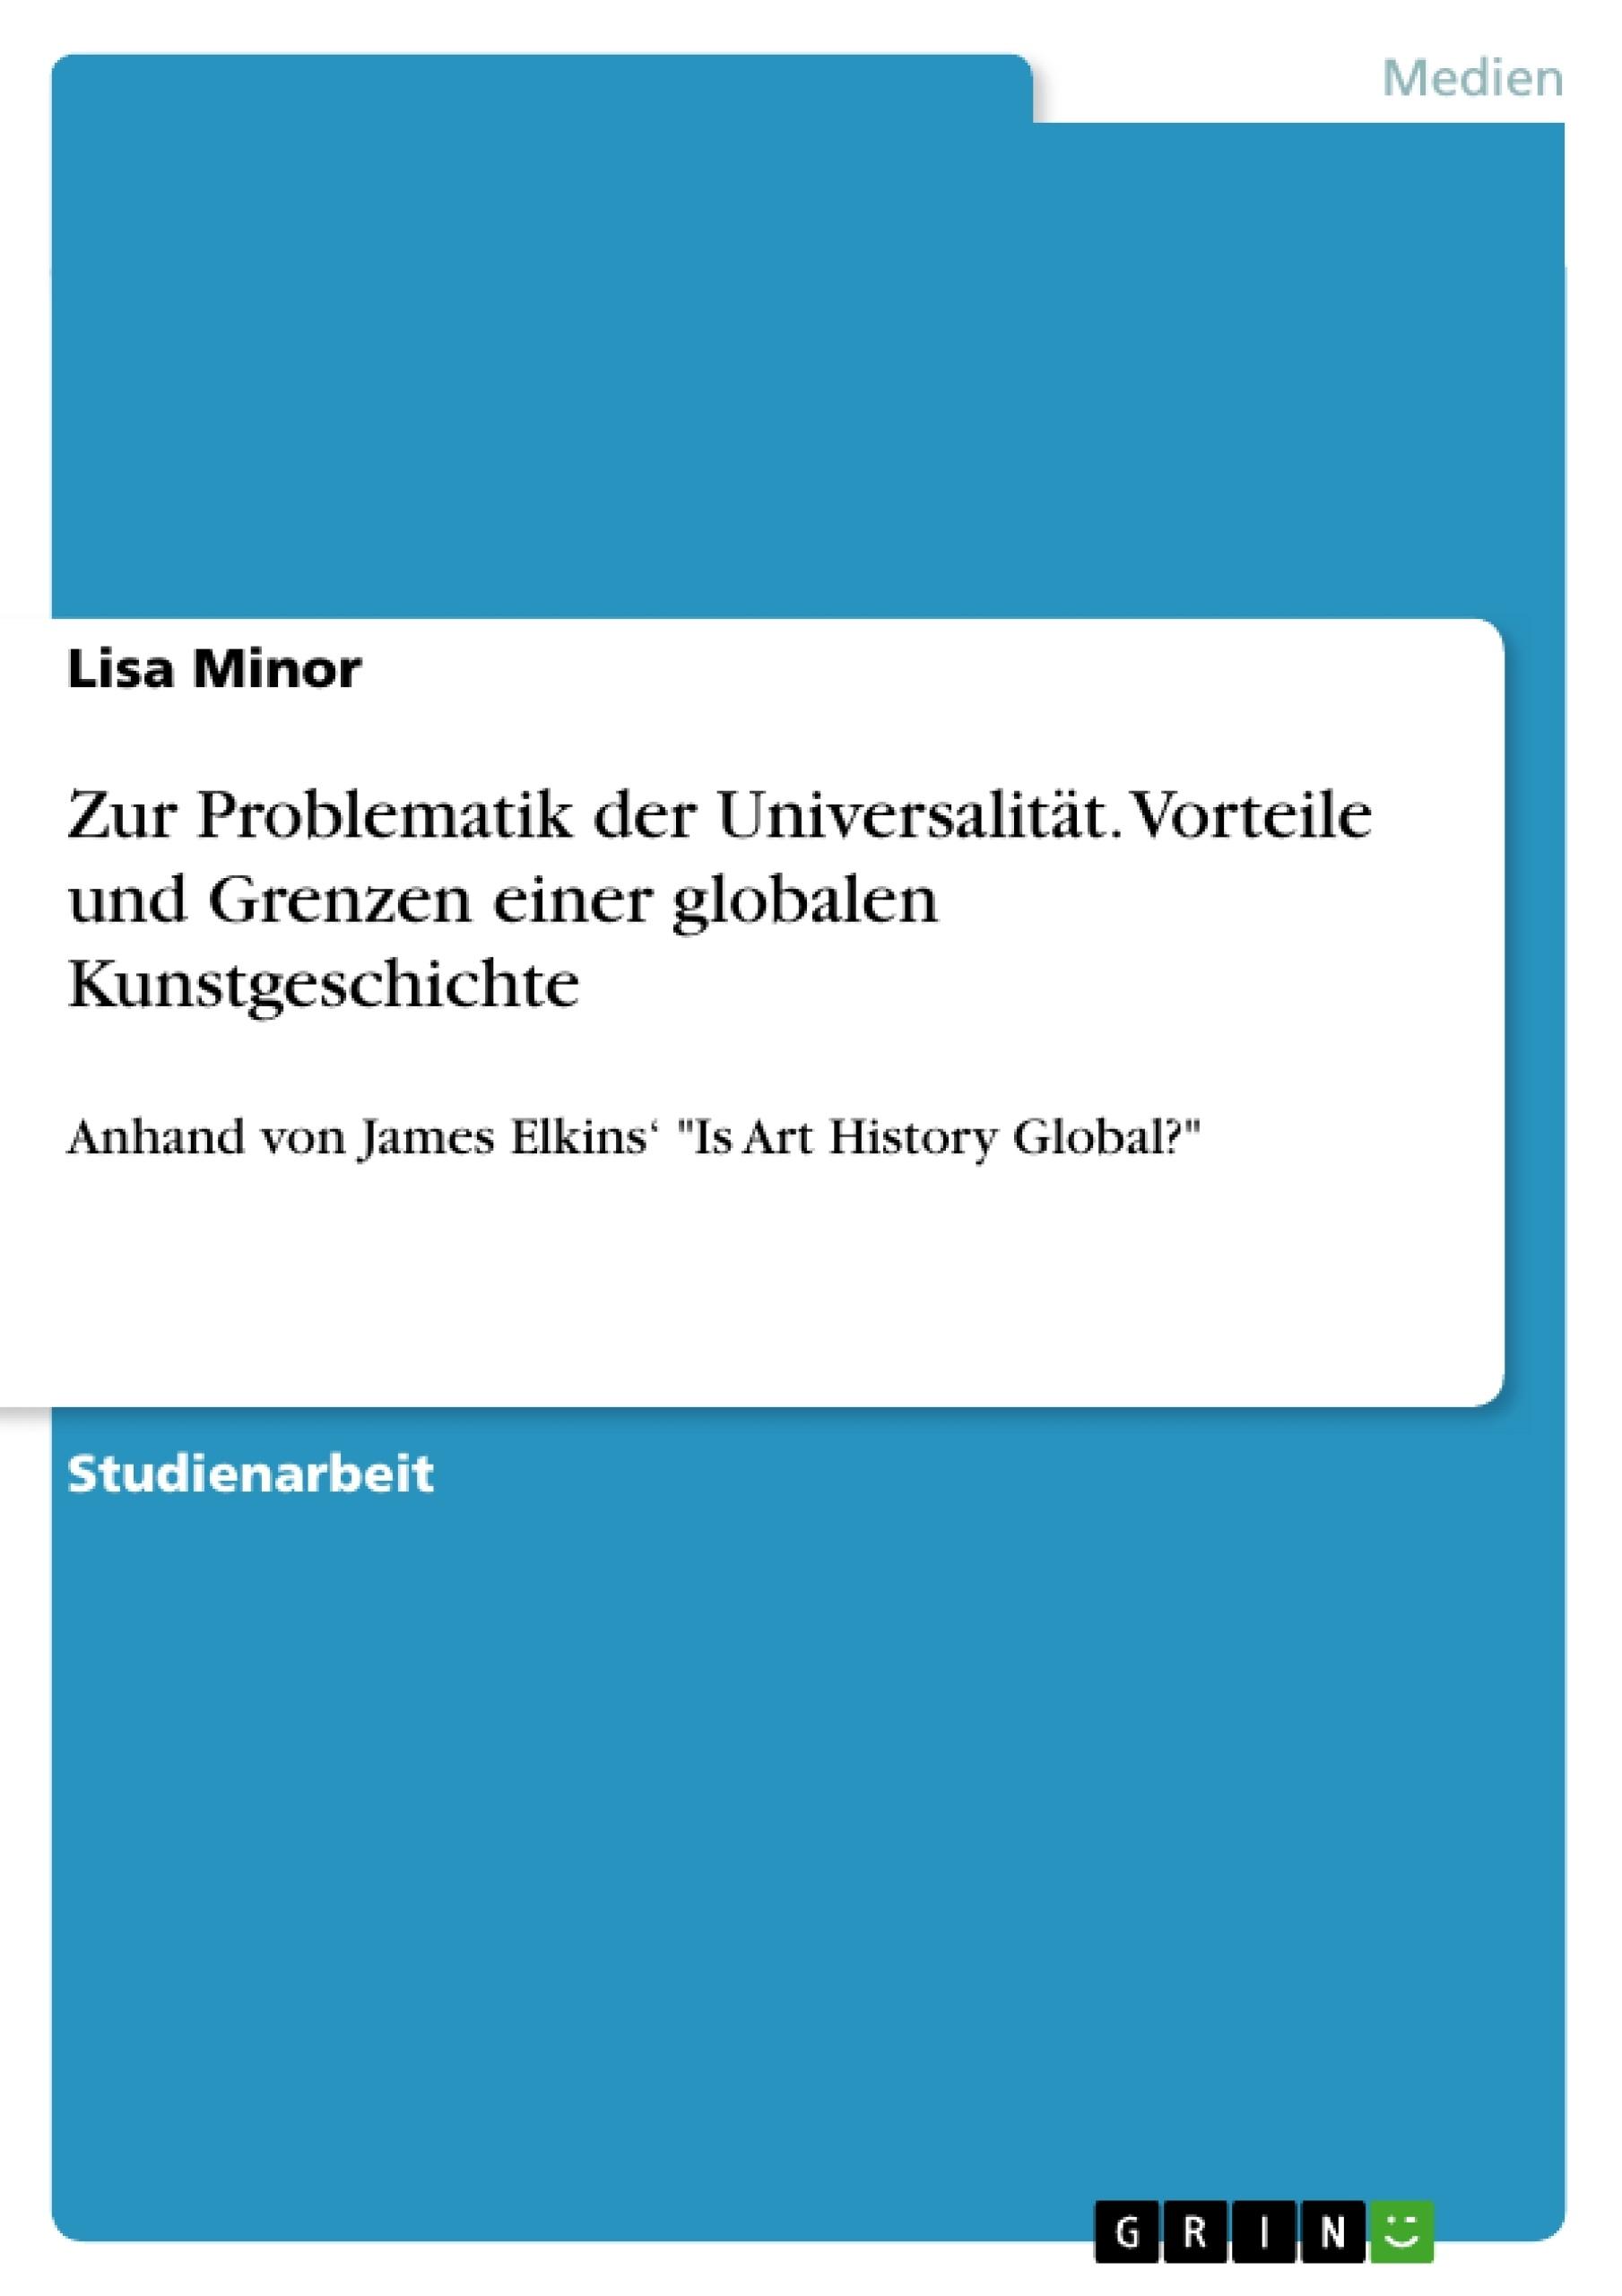 Titel: Zur Problematik der Universalität. Vorteile und Grenzen einer globalen Kunstgeschichte